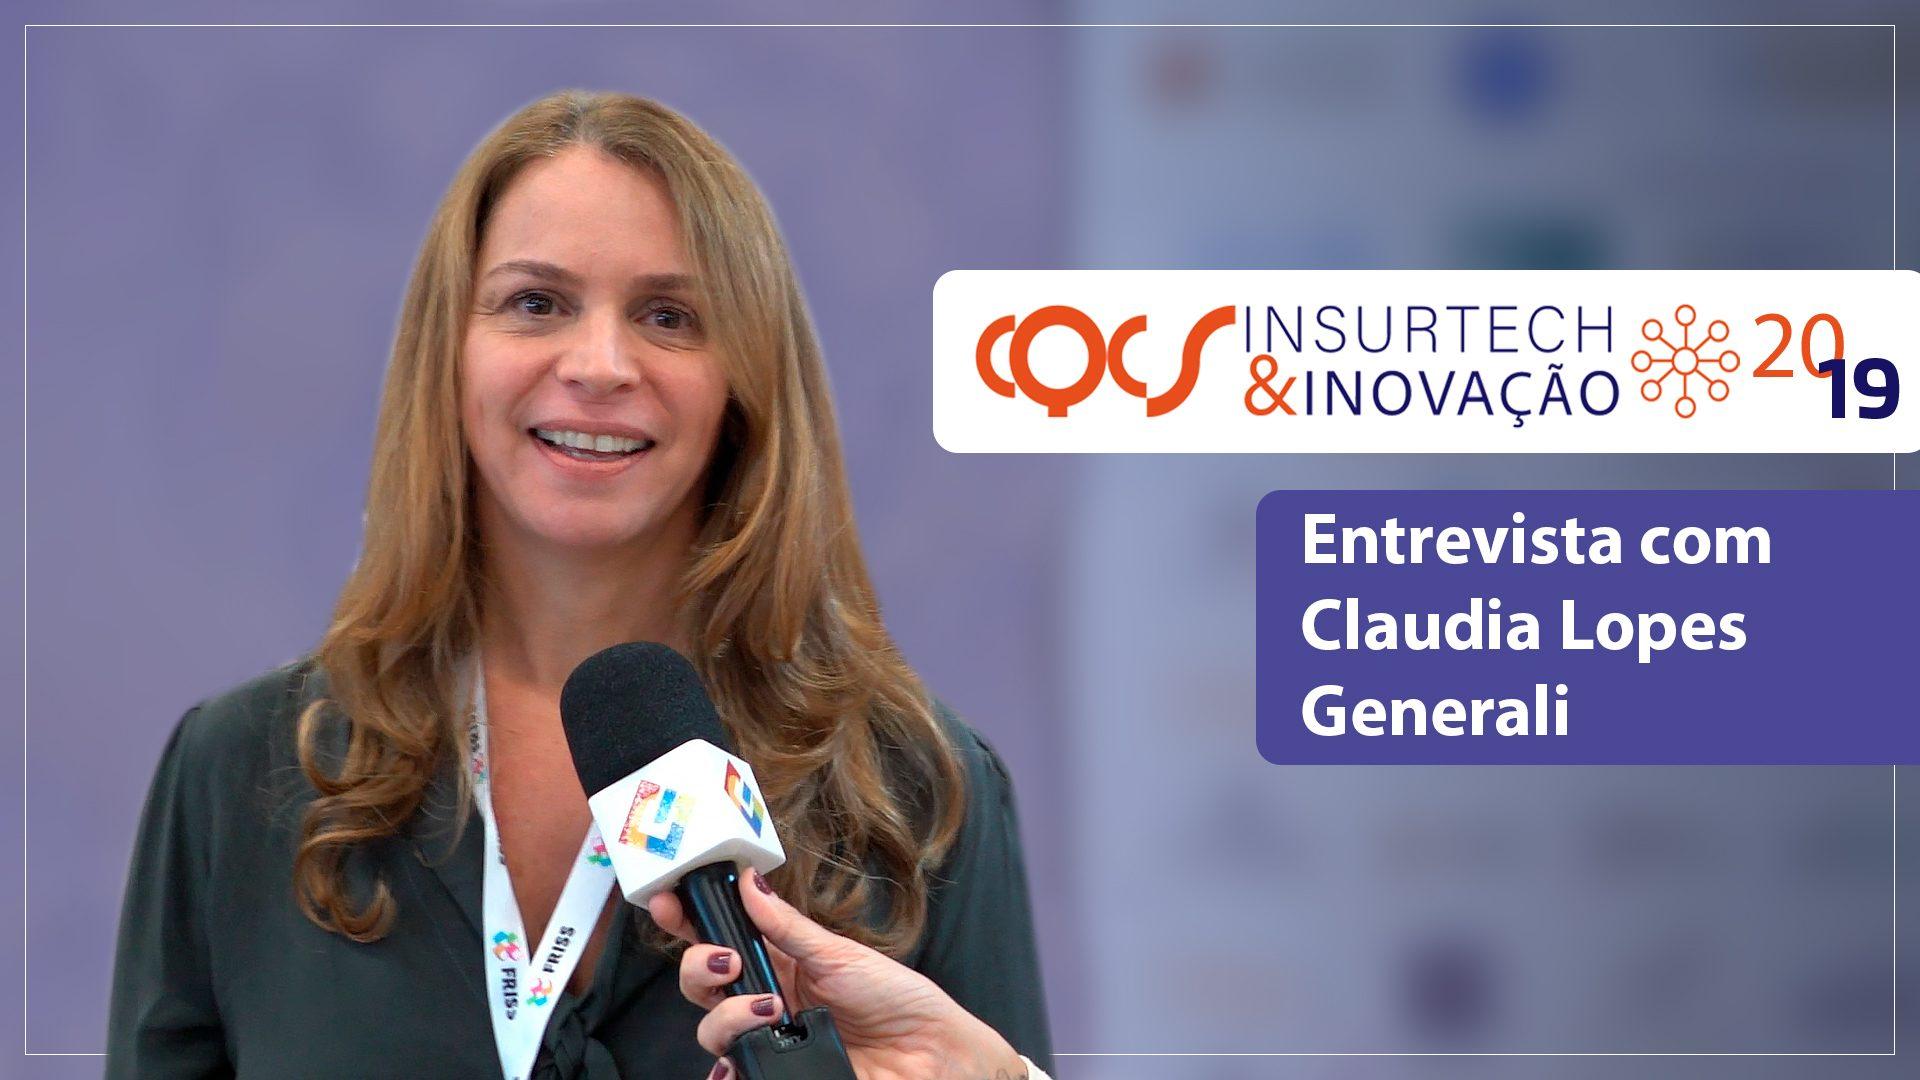 CQCS Insurtech & Inovação 2019 Generali